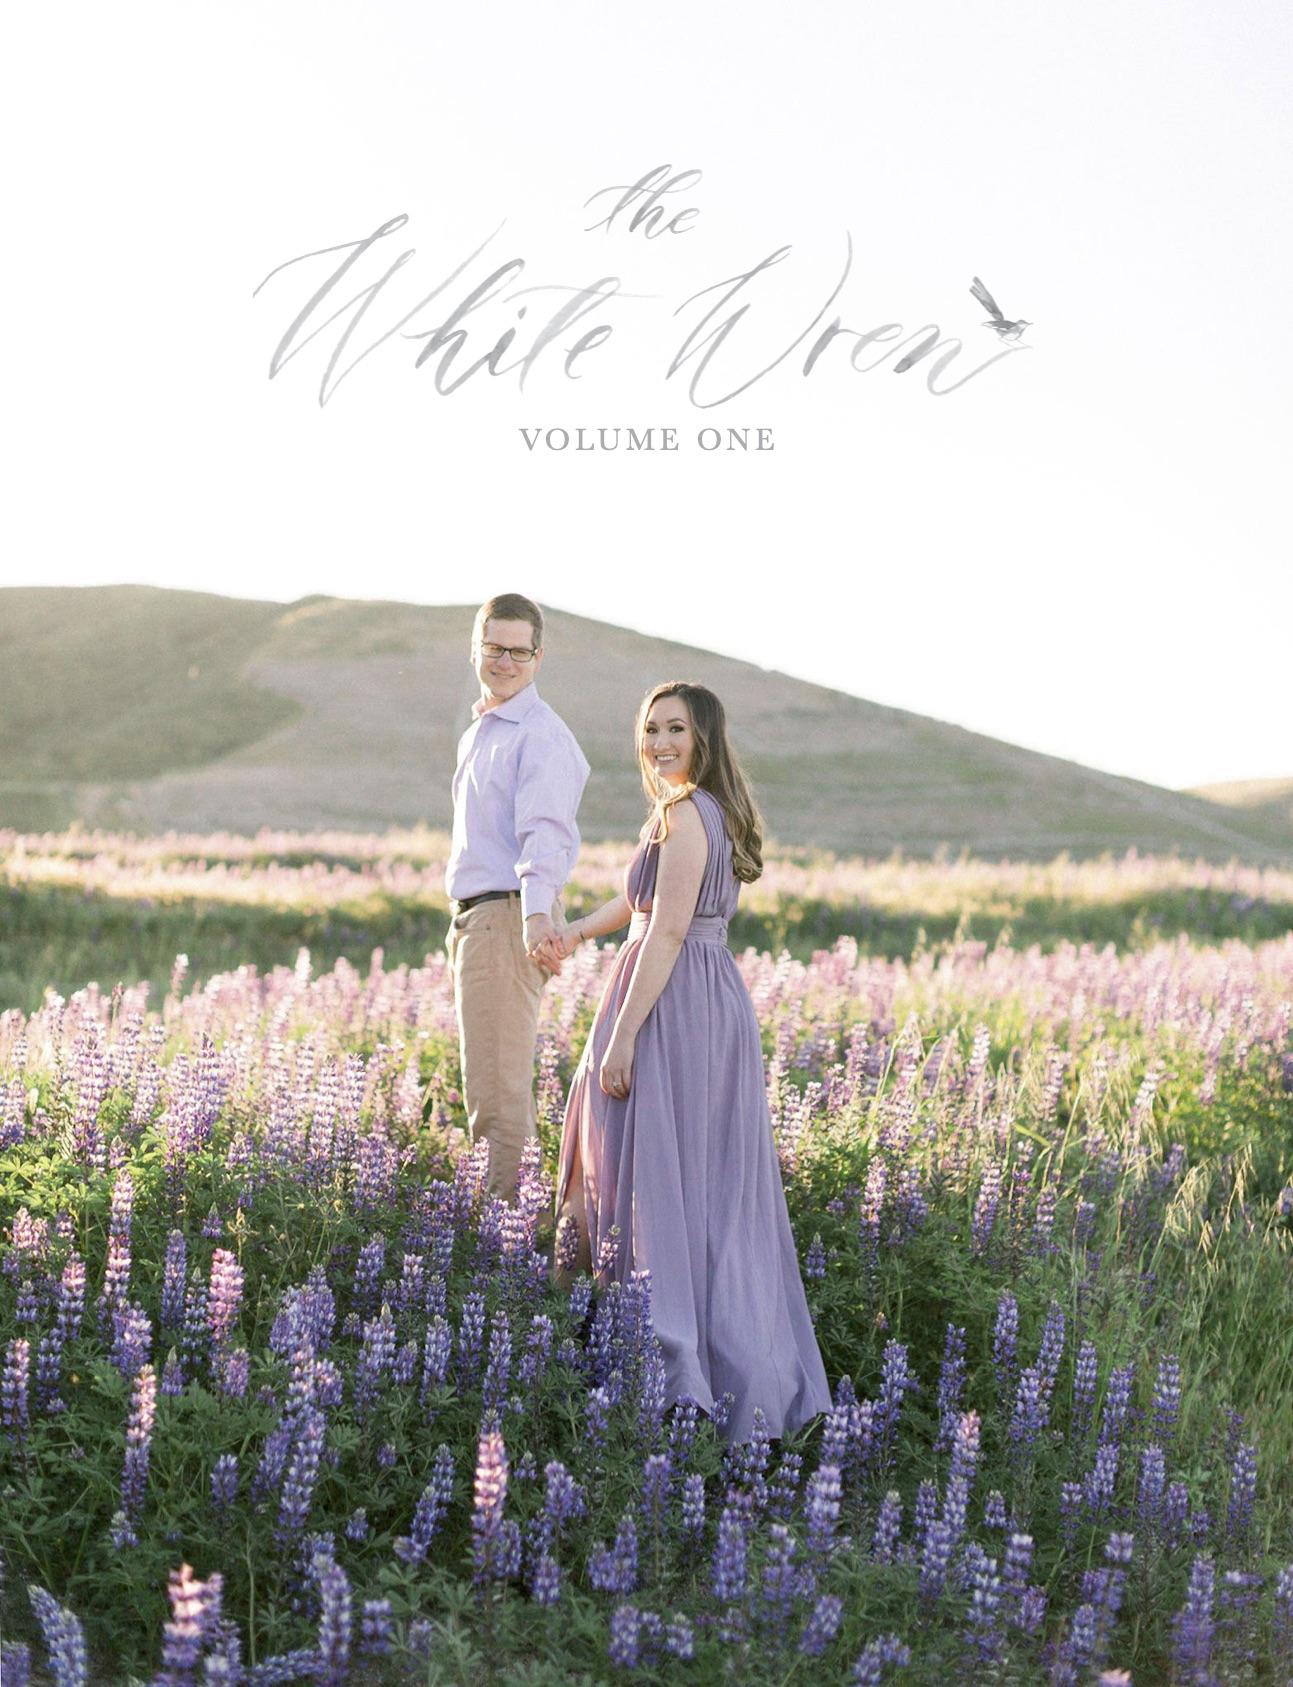 White Wren